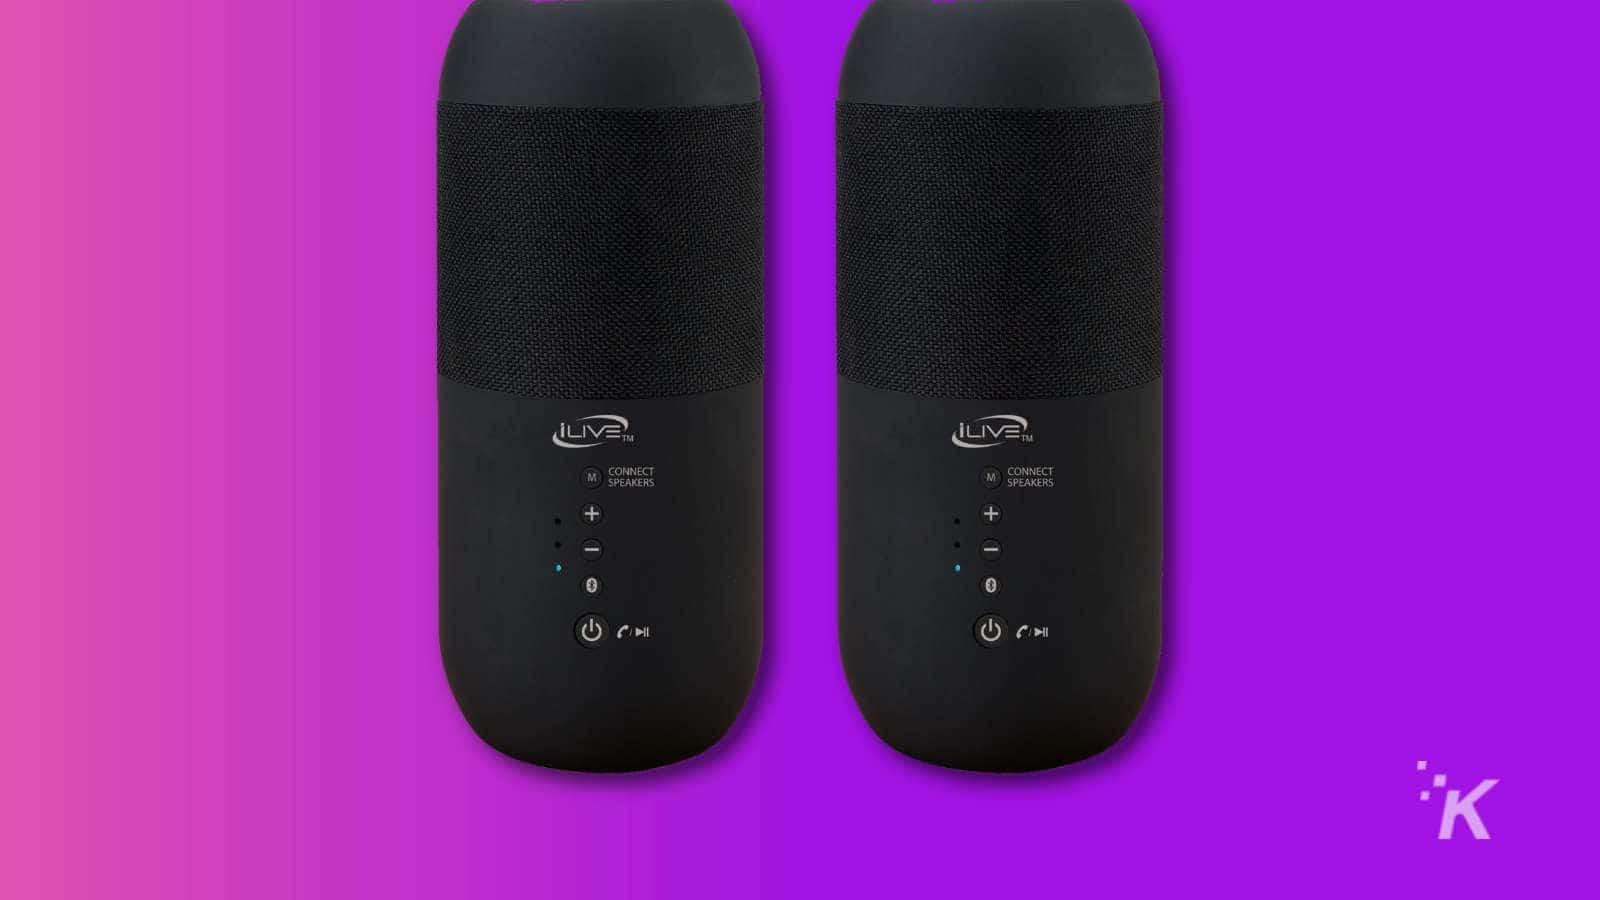 ilive dual bluetooth speakers